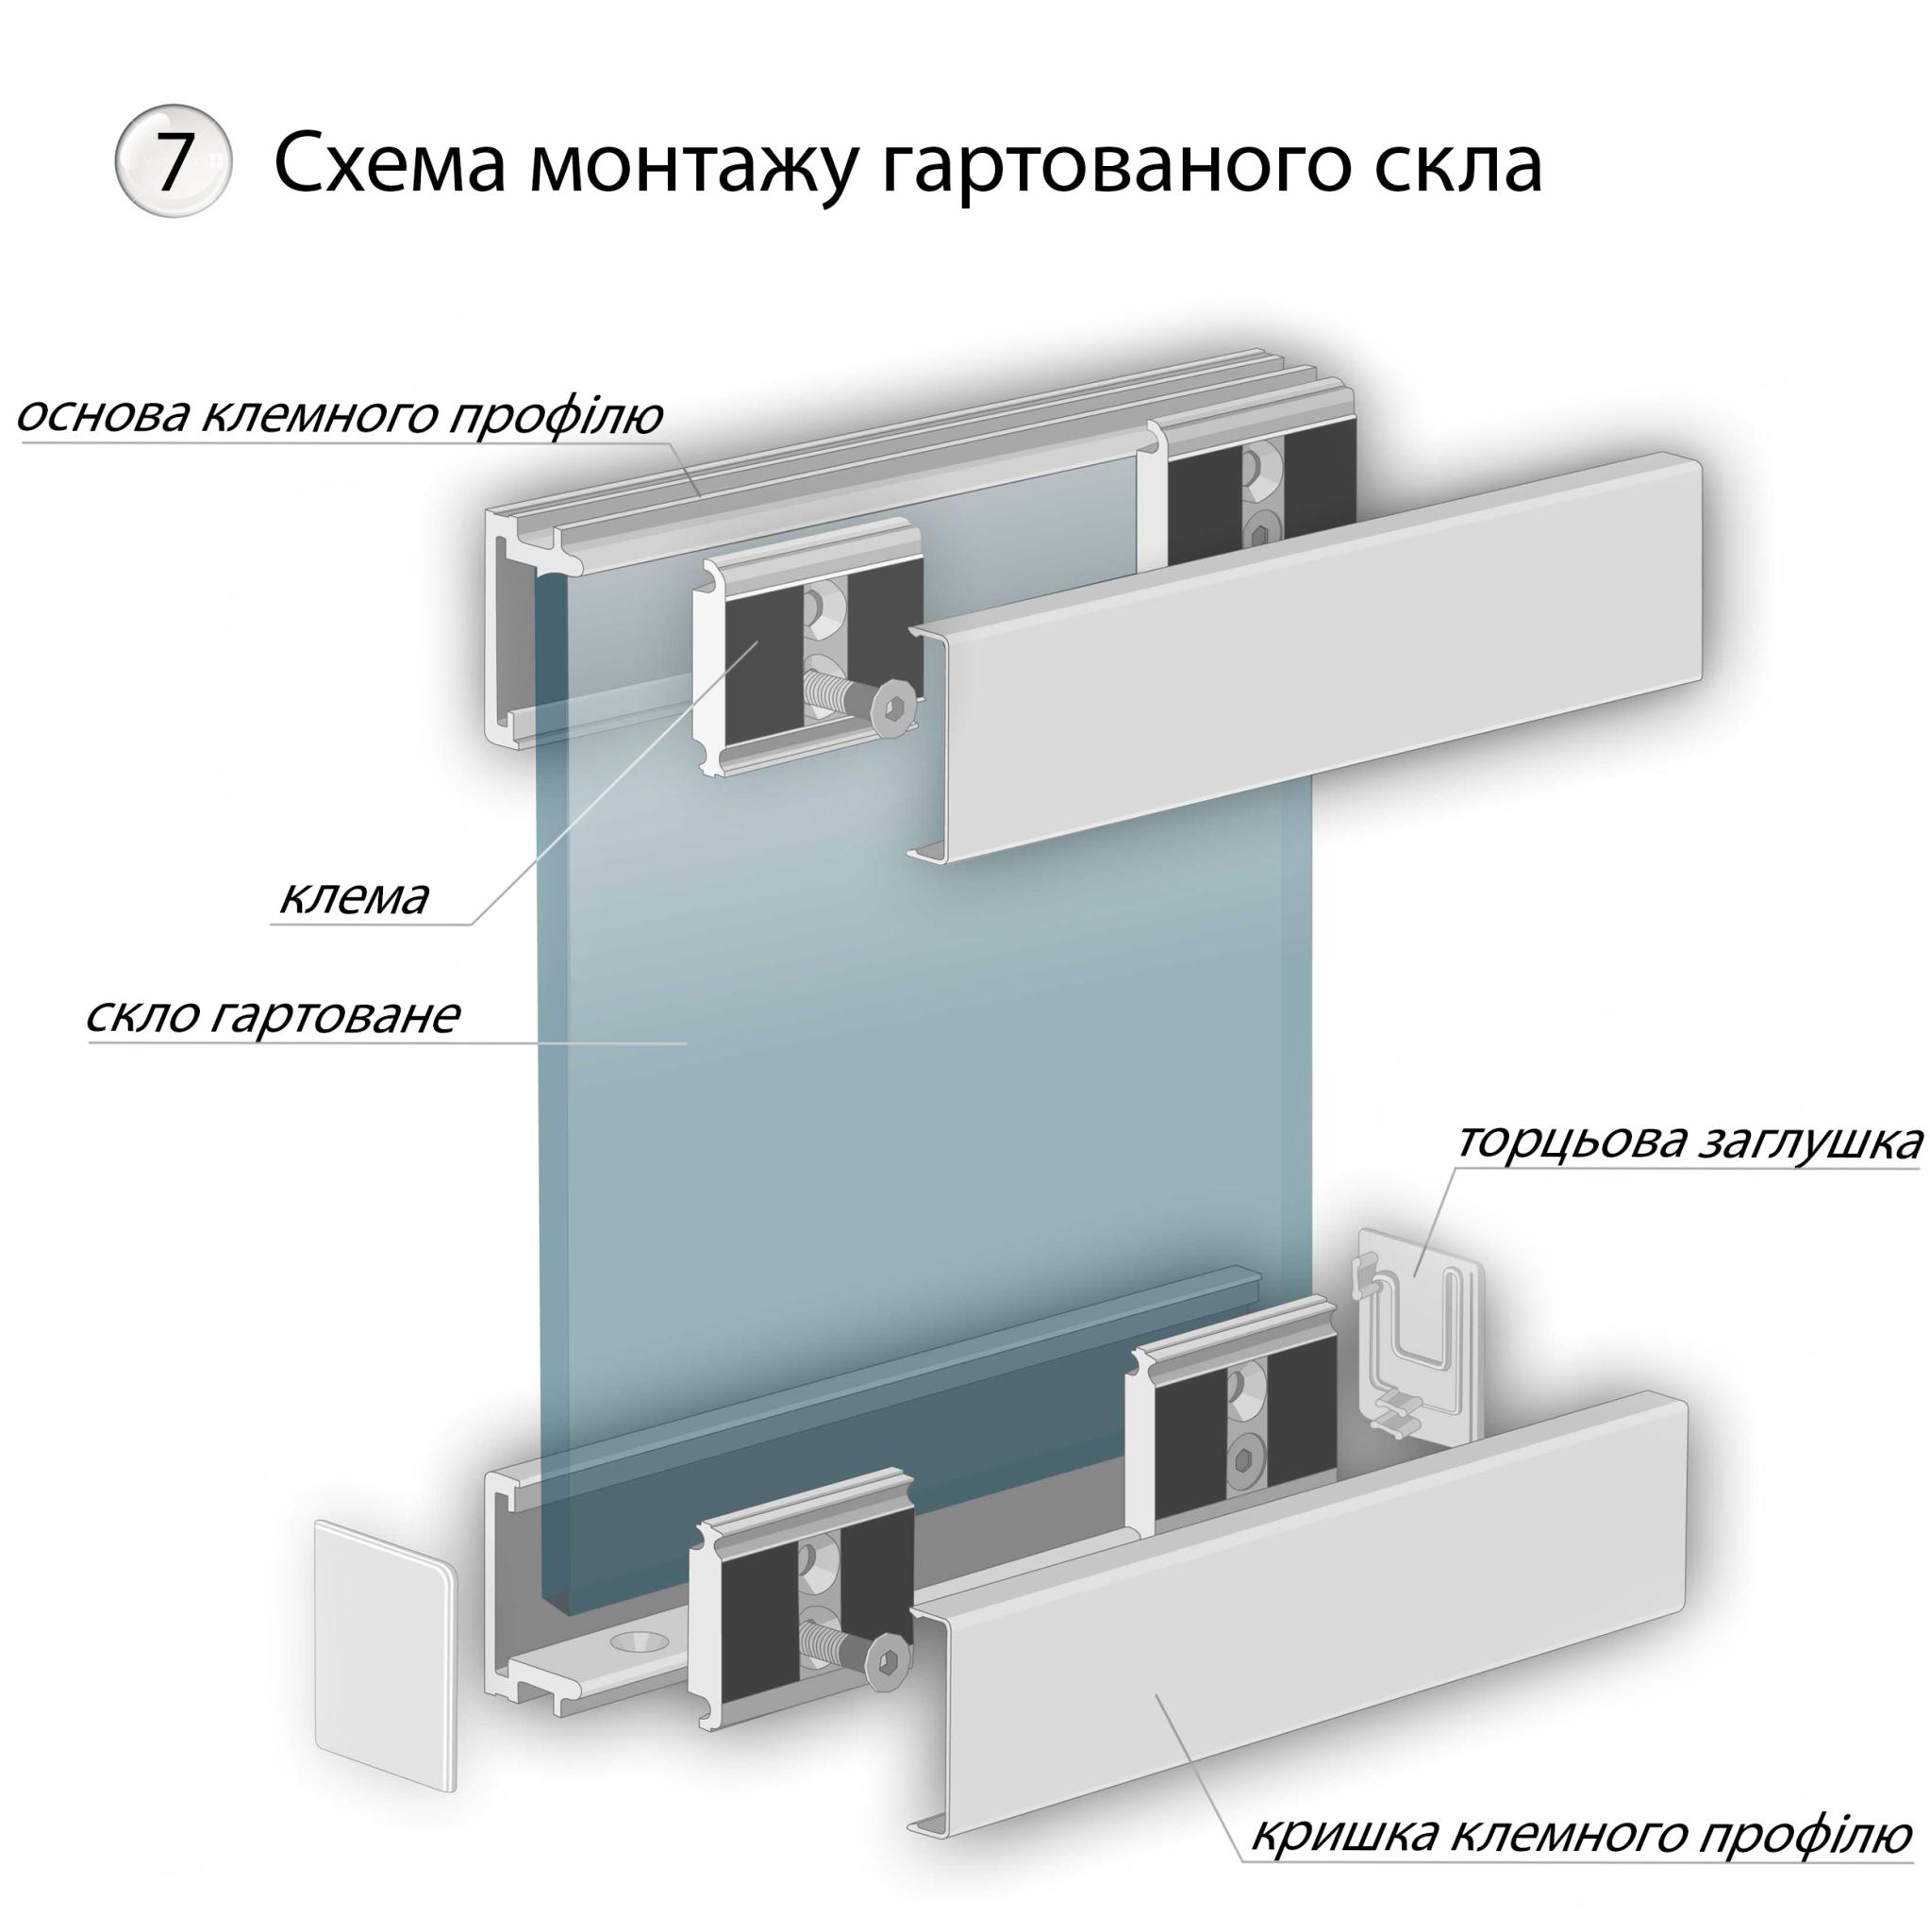 Схема монтажу гартованого скла